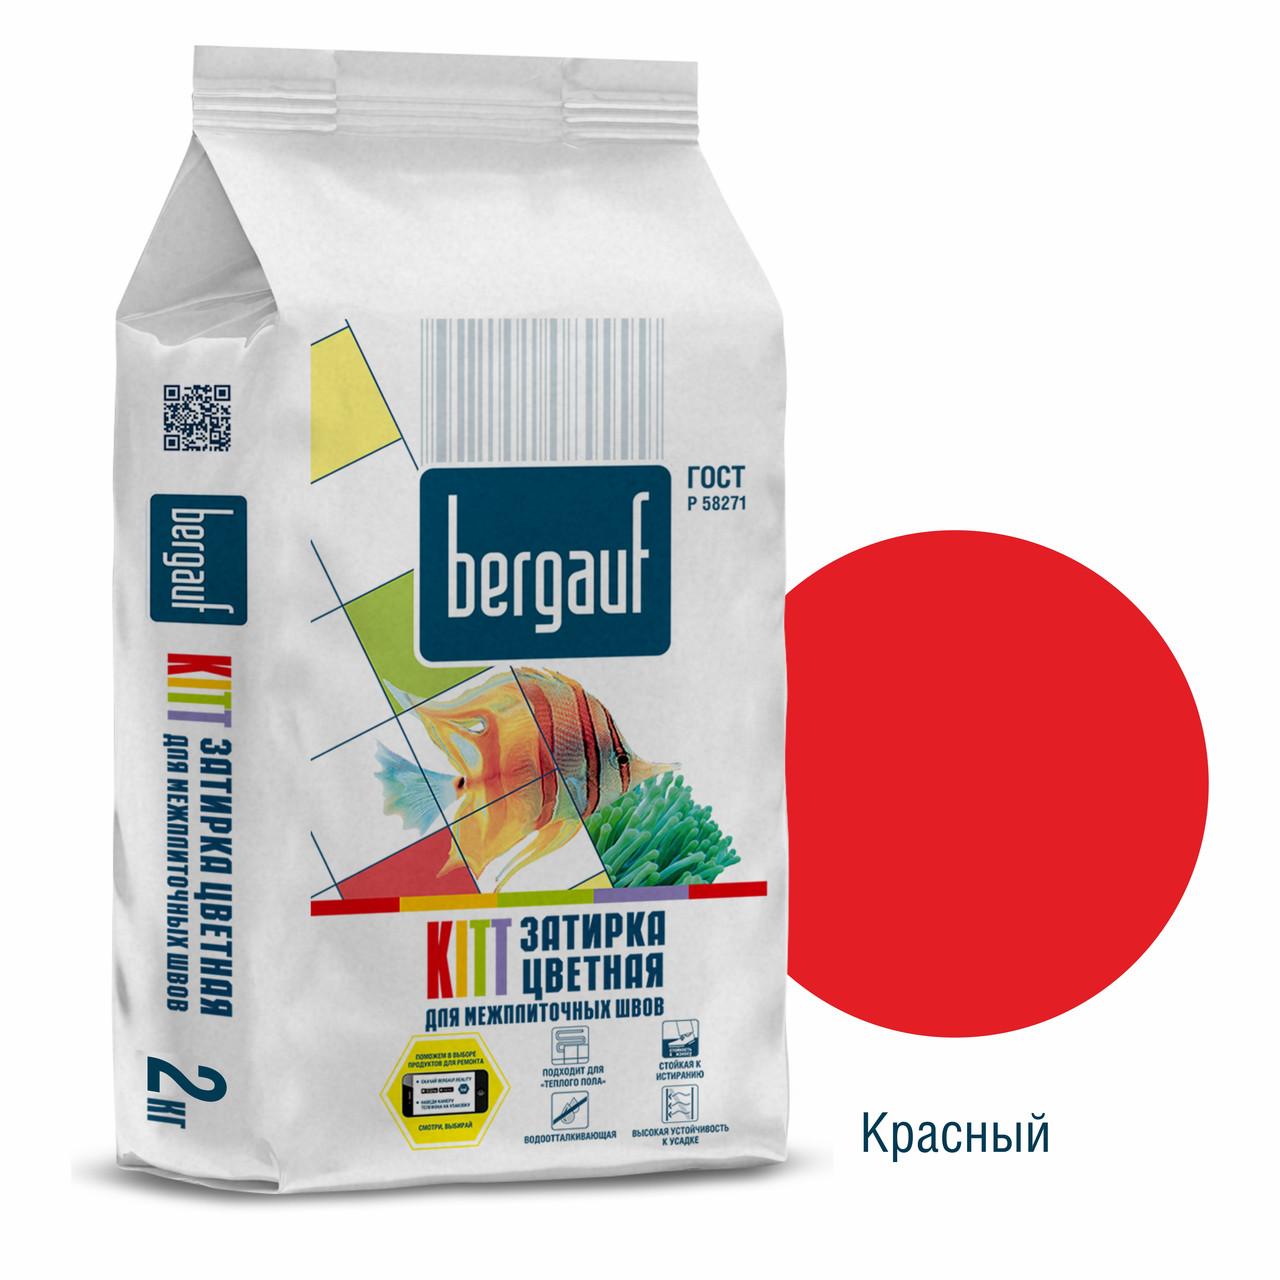 """Затирка KITT """"КРАСНЫЙ"""" для межплиточных швов, 2 кг, Bergauf"""